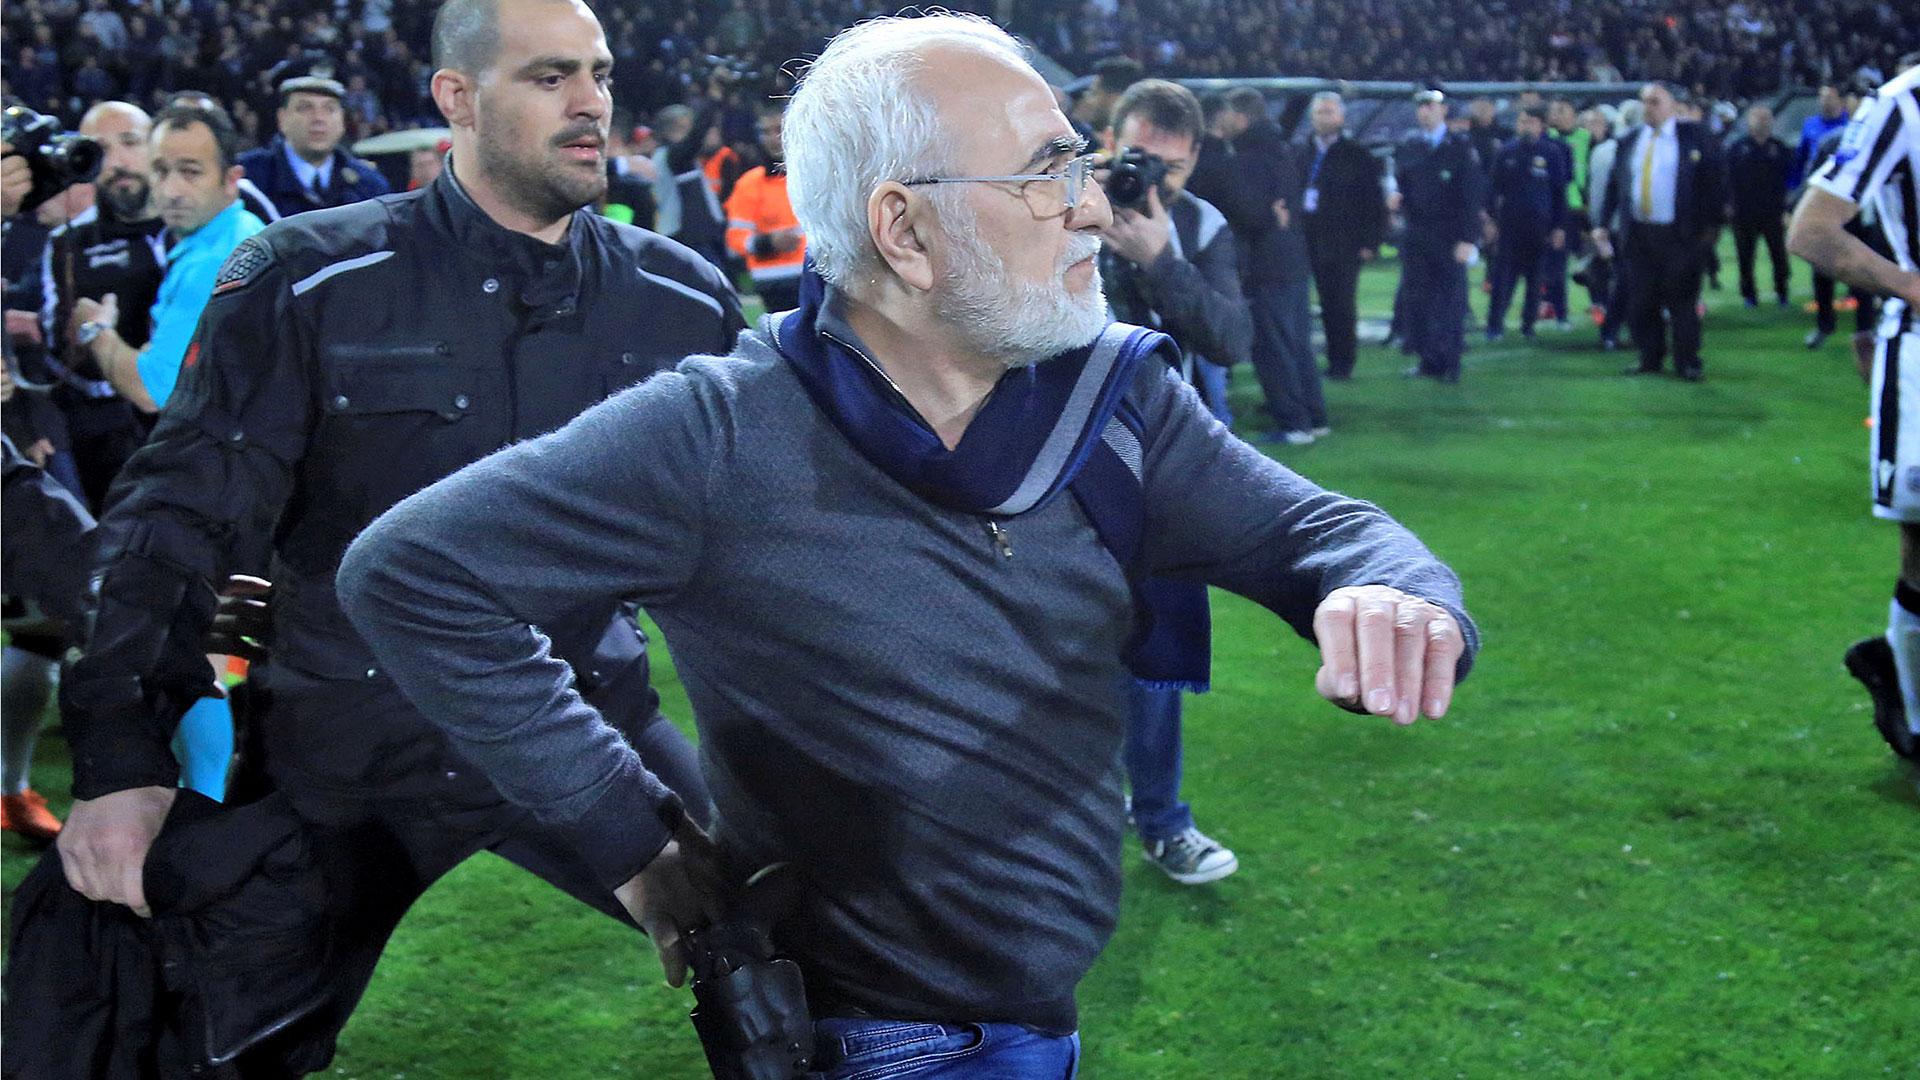 El presidente del PAOK de Grecia ingresó con una pistola a amenazar a un árbitro (Reuters)